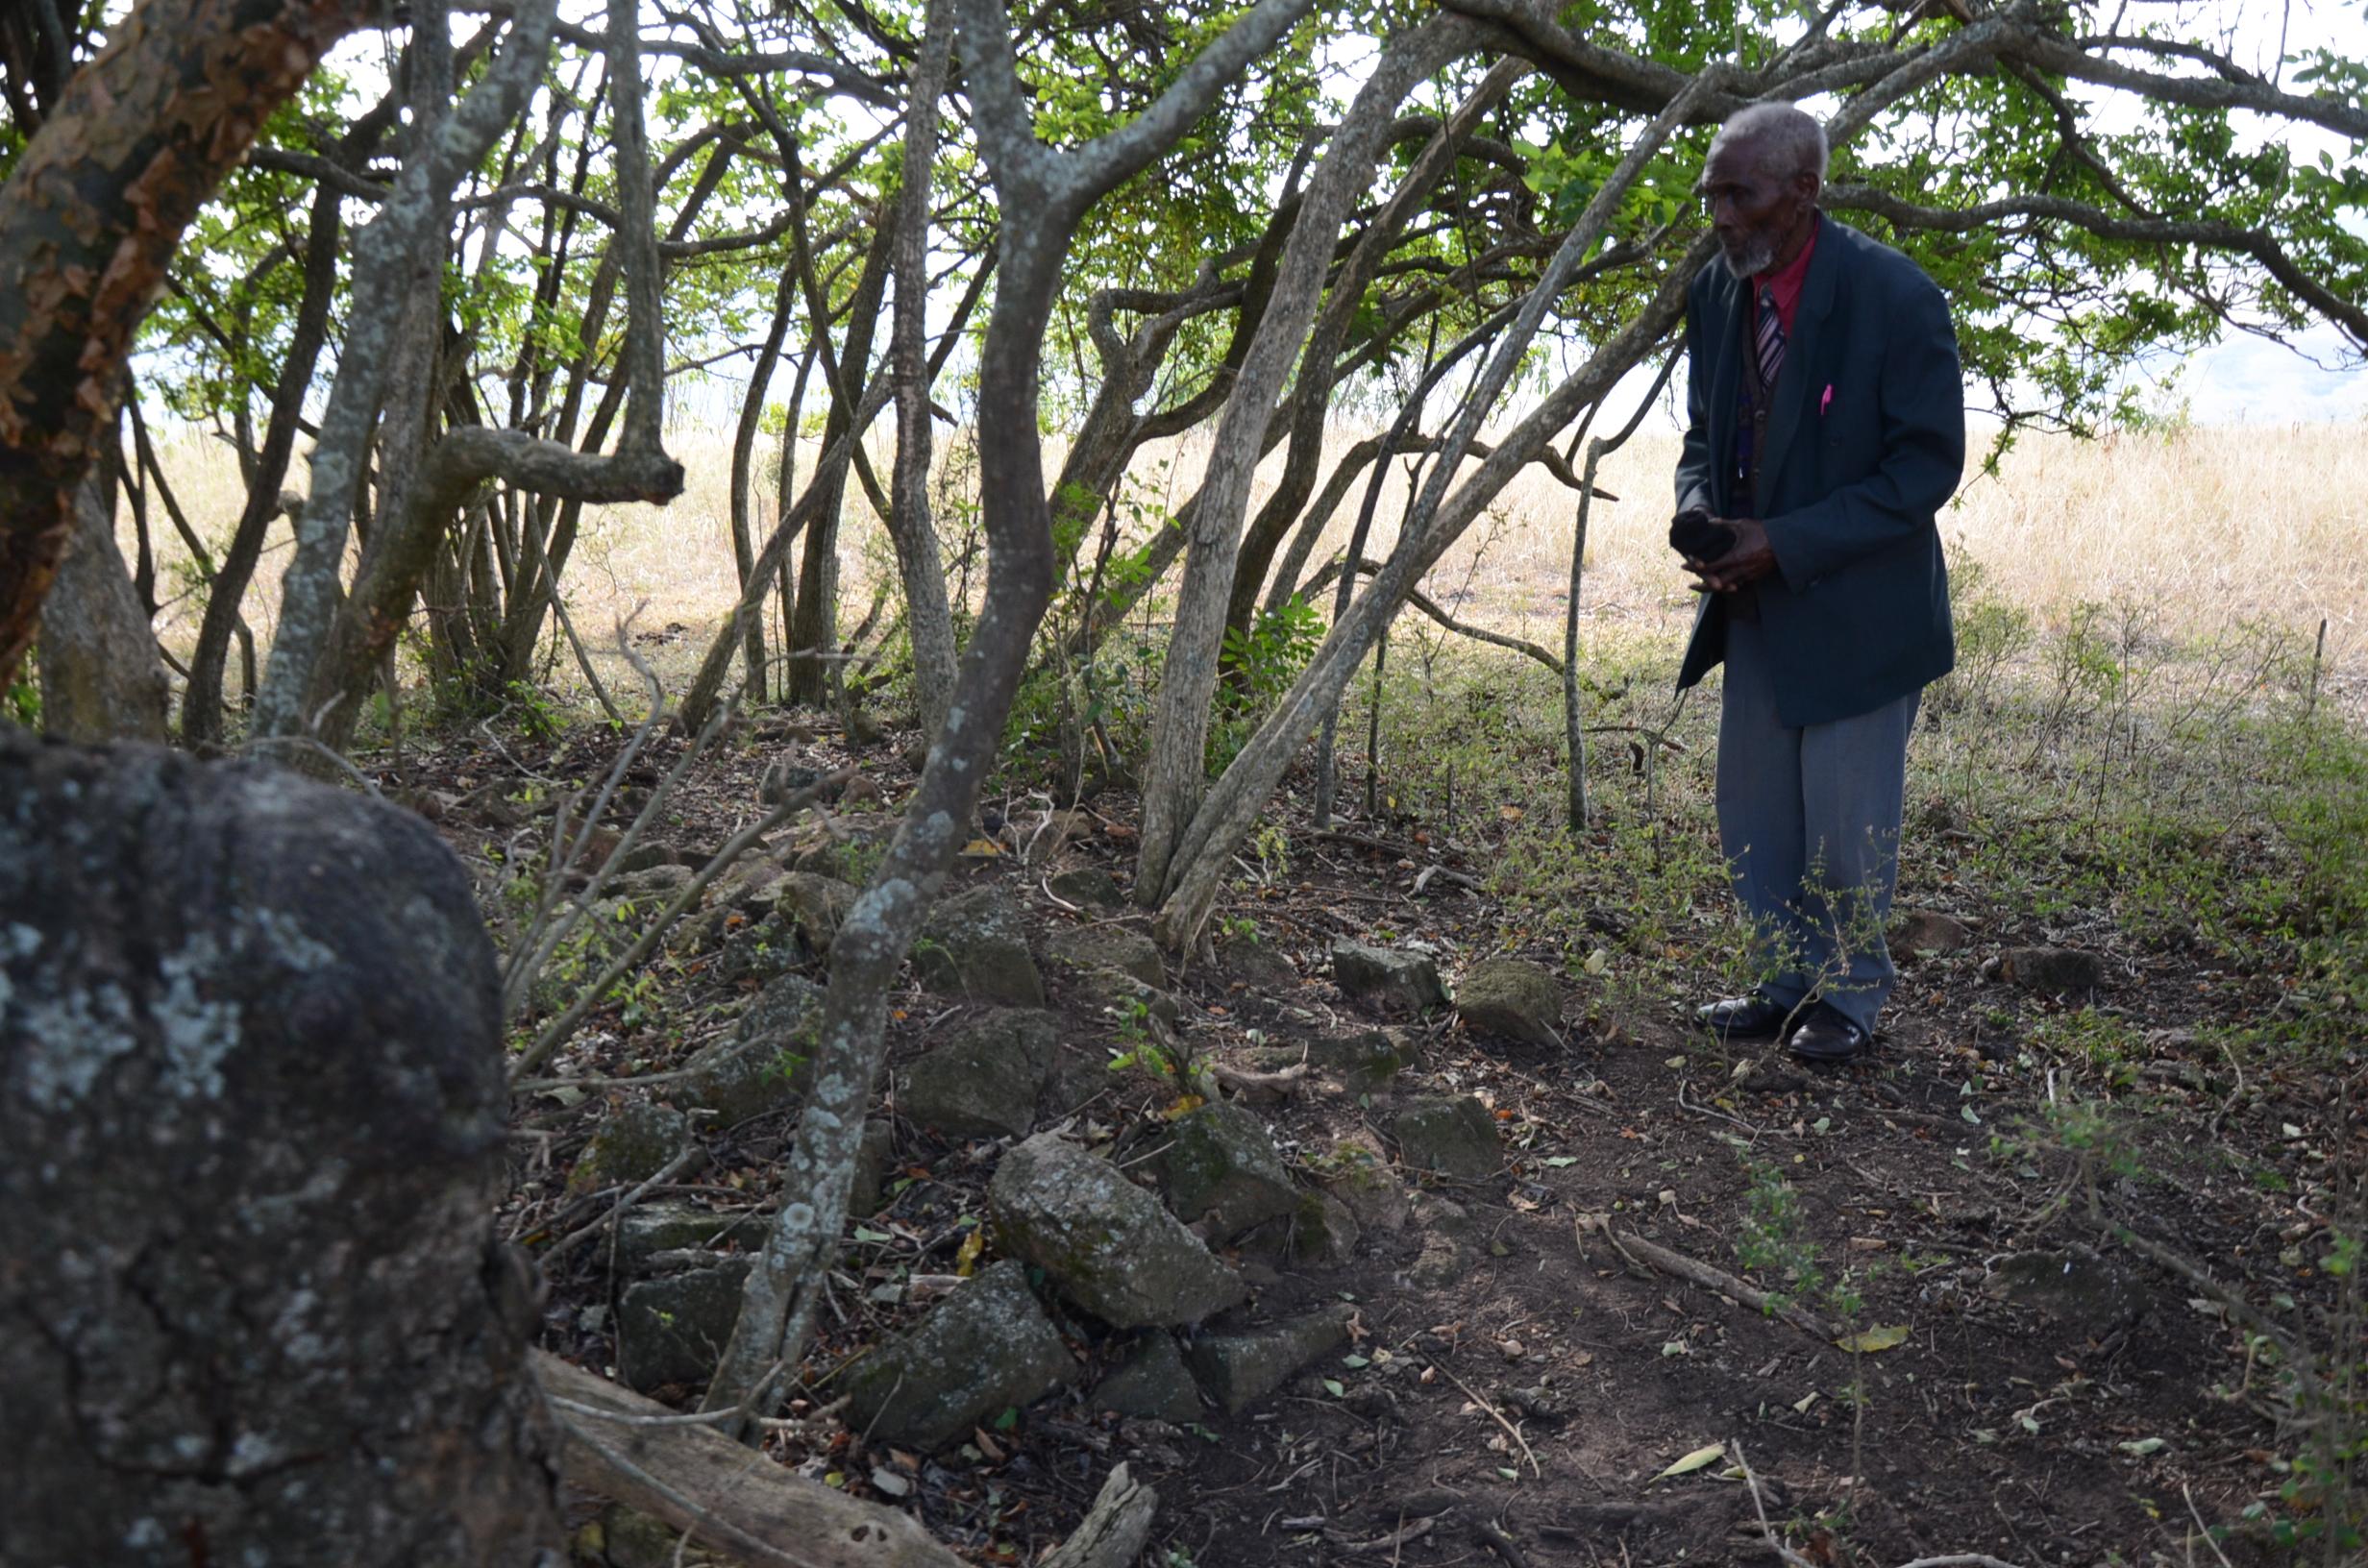 Zwischen den Bäumern ein paar verstreute Felsbrocken von den Gräbern der Vorfahren.